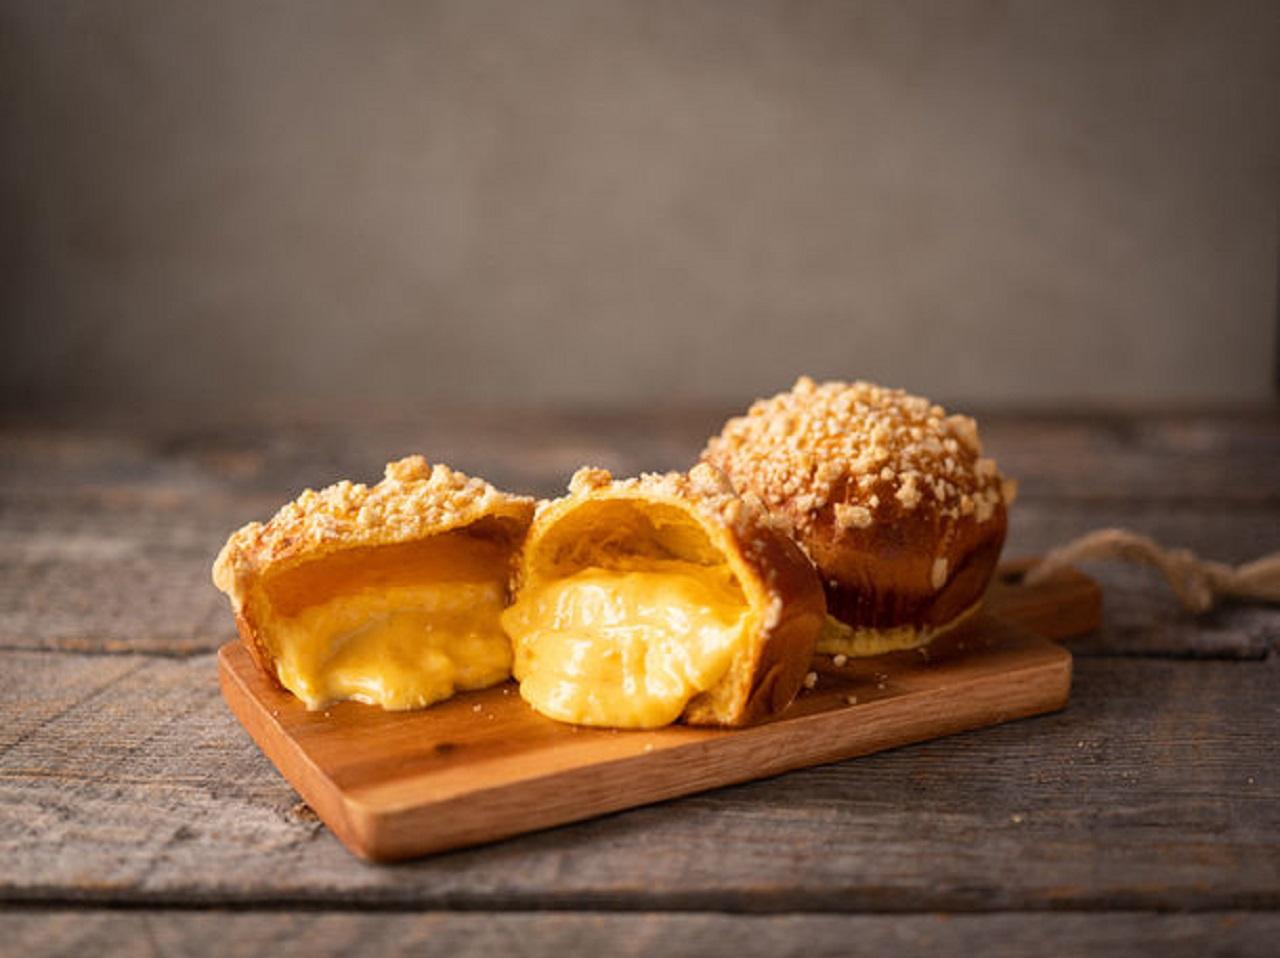 「御養卵のクリームパン」